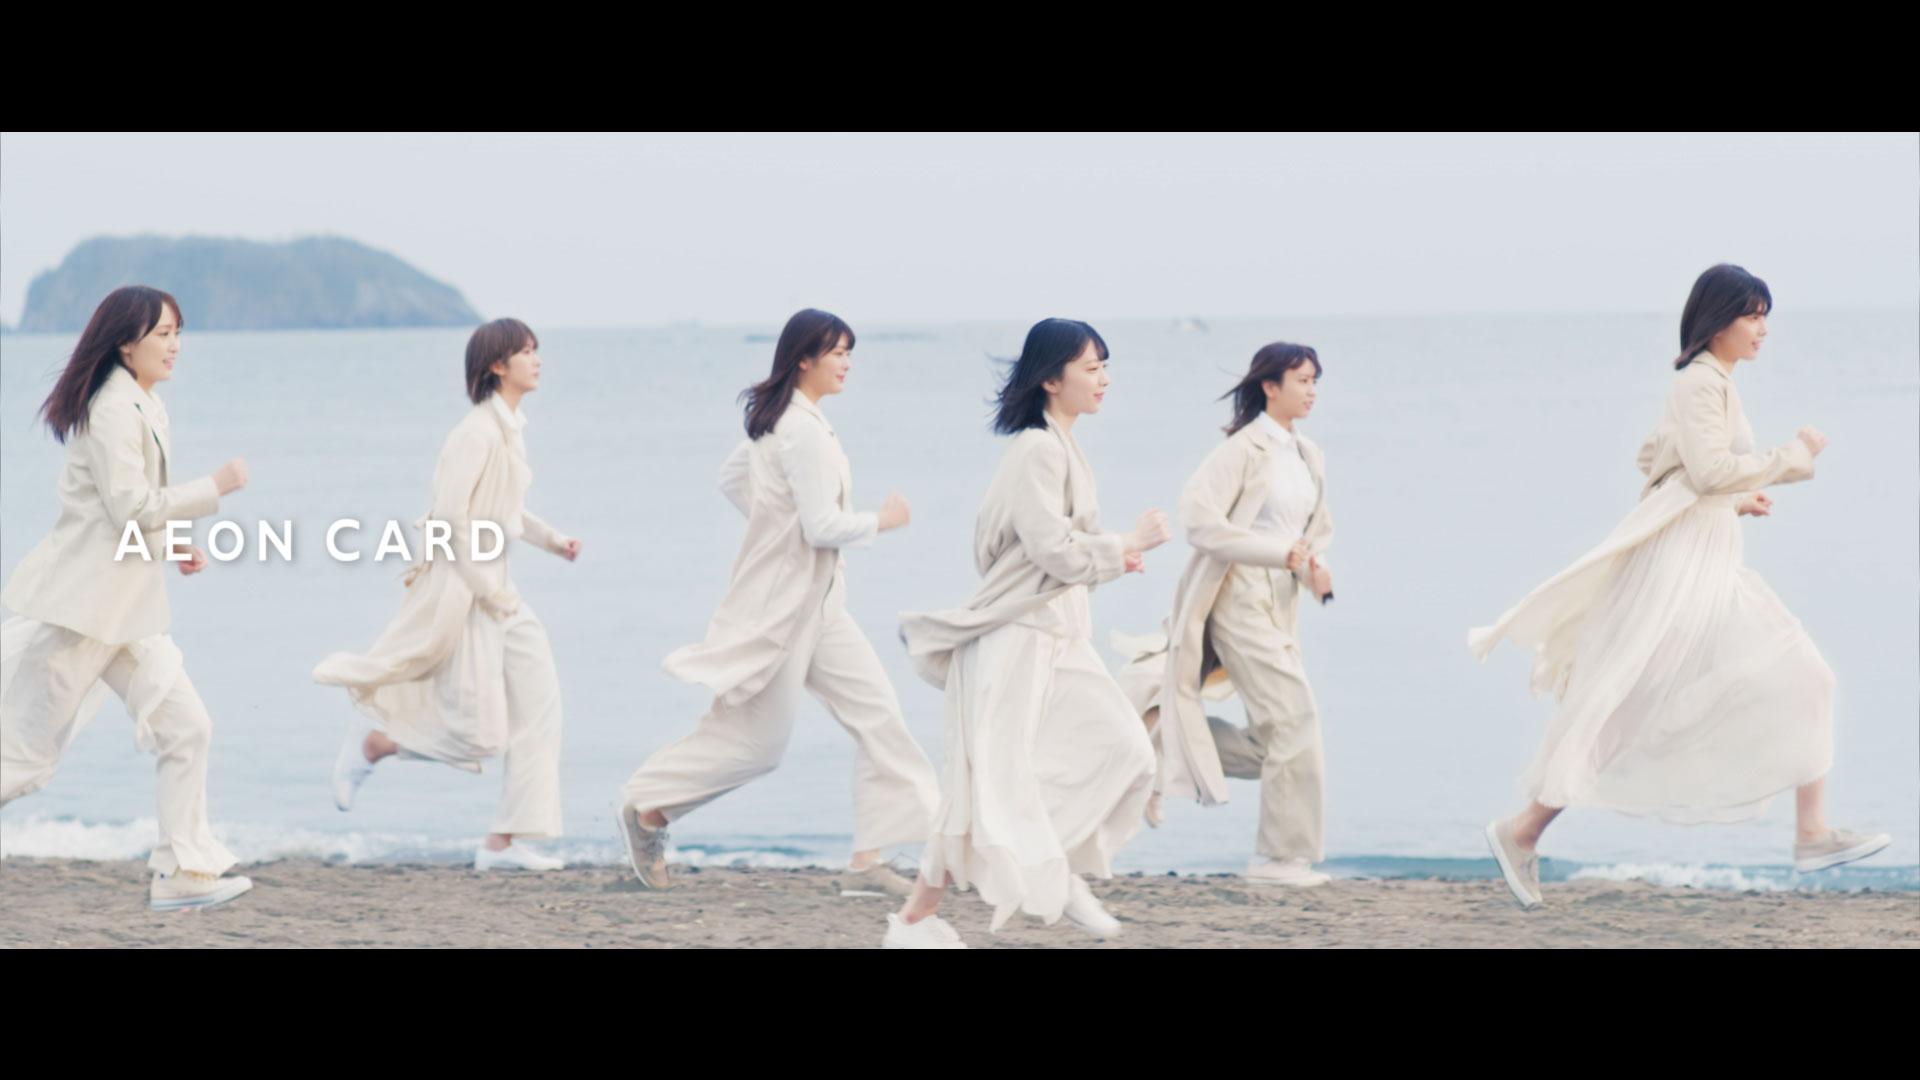 イオンカード × 櫻坂46 イオンカード20周年キャンペーン